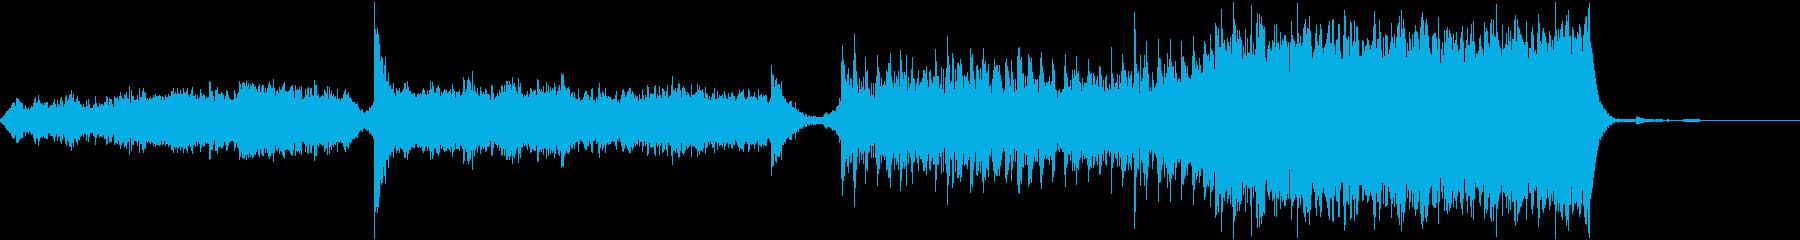 フルオーケストラ、大きく変化するリズム、の再生済みの波形